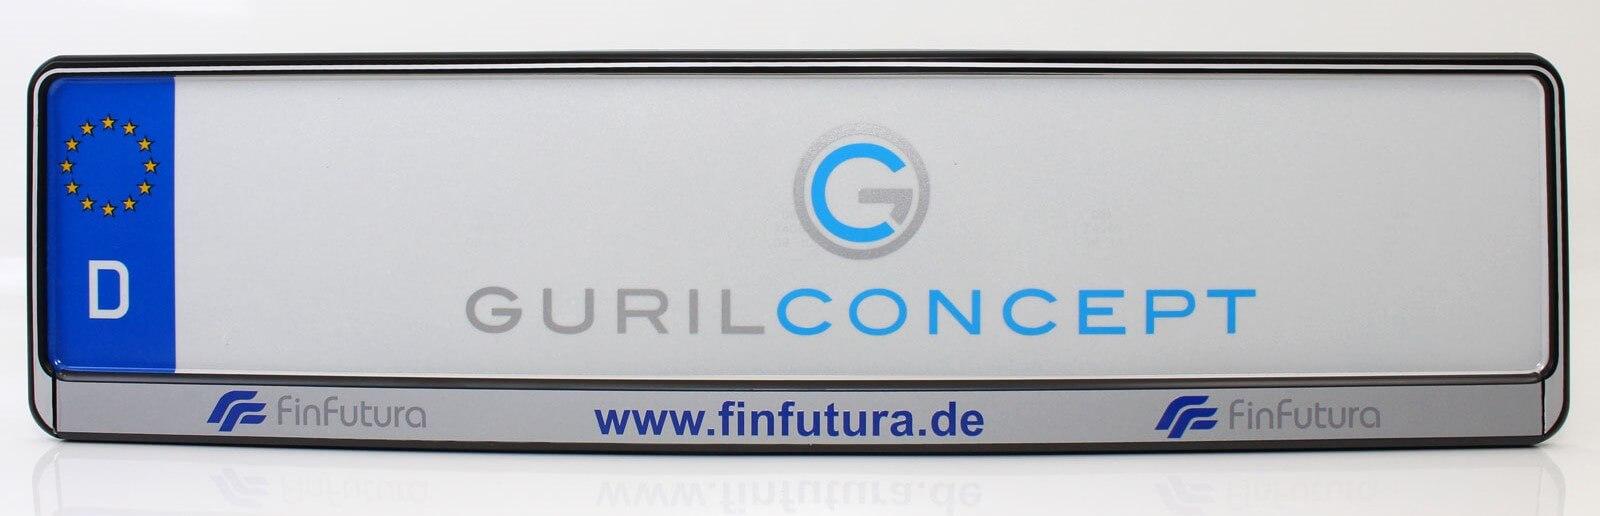 Kennzeichenhalter mit individuellem Firmenaufdruck für FinFutura